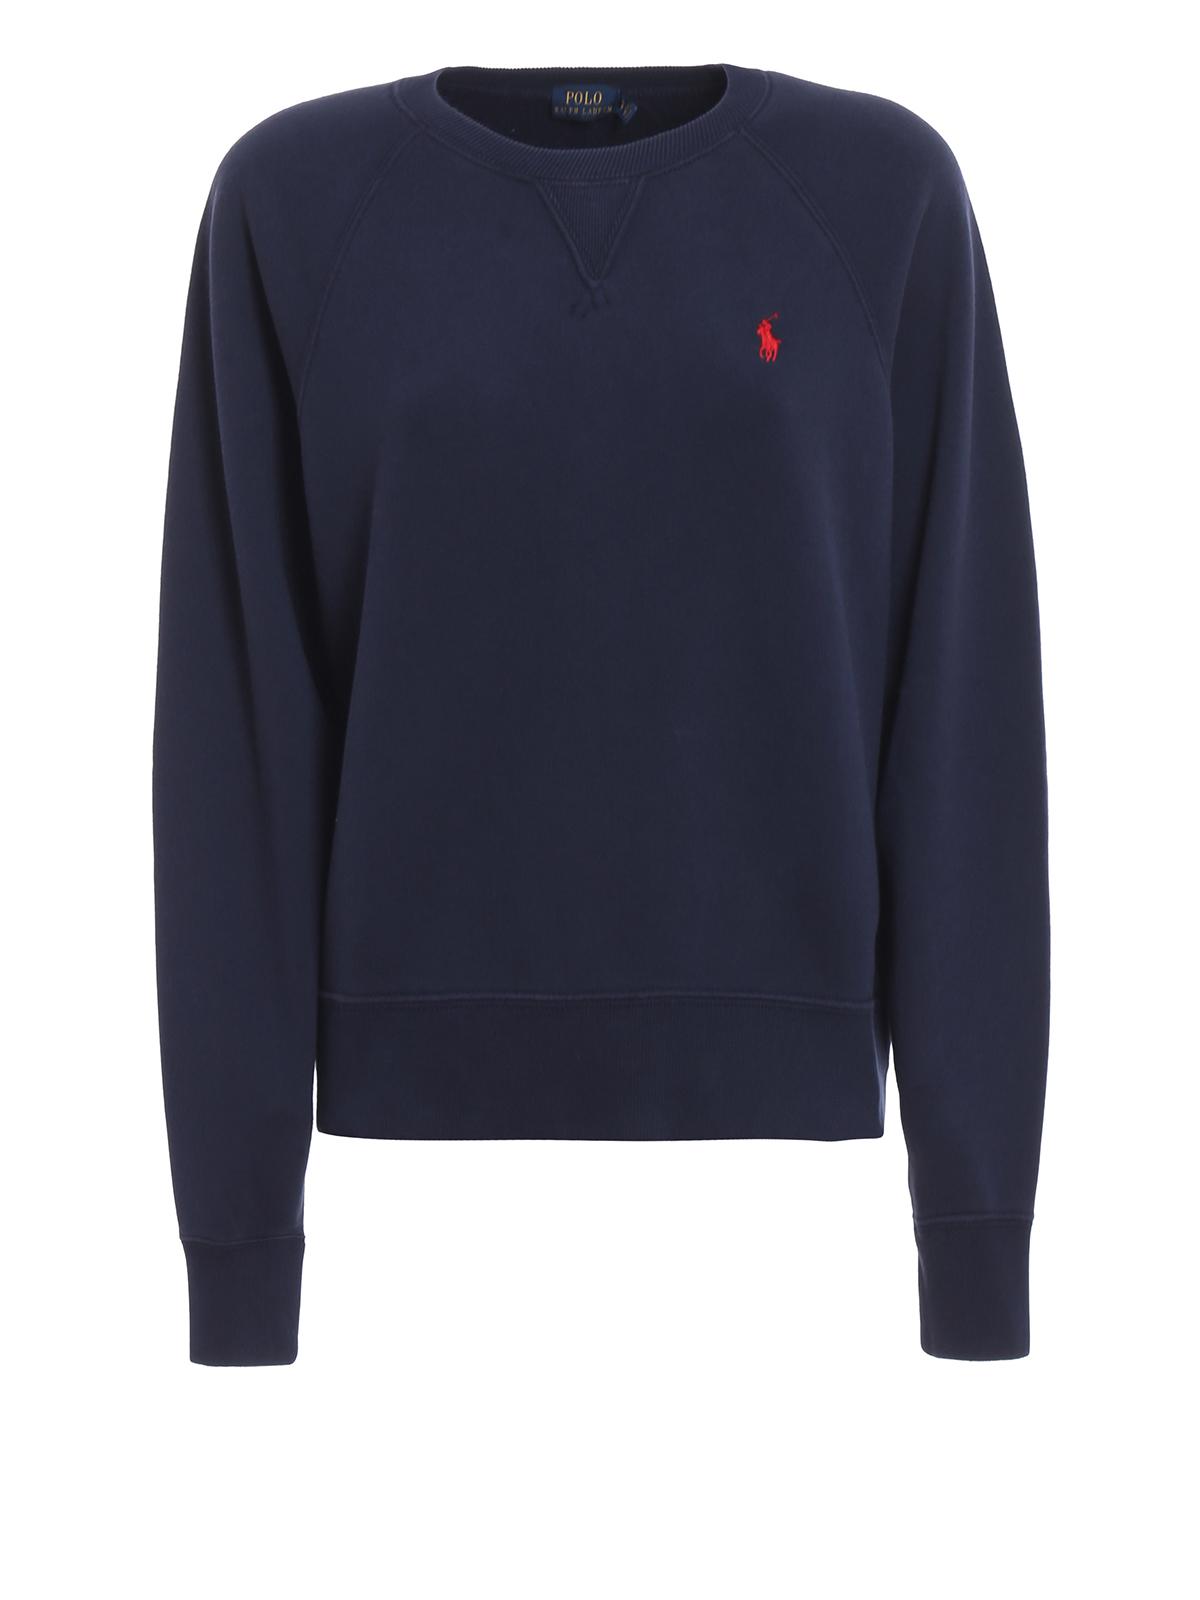 tillgängliga försäljning av skor innovativ design Polo Ralph Lauren - Crew neck sweatshirt with red logo ...